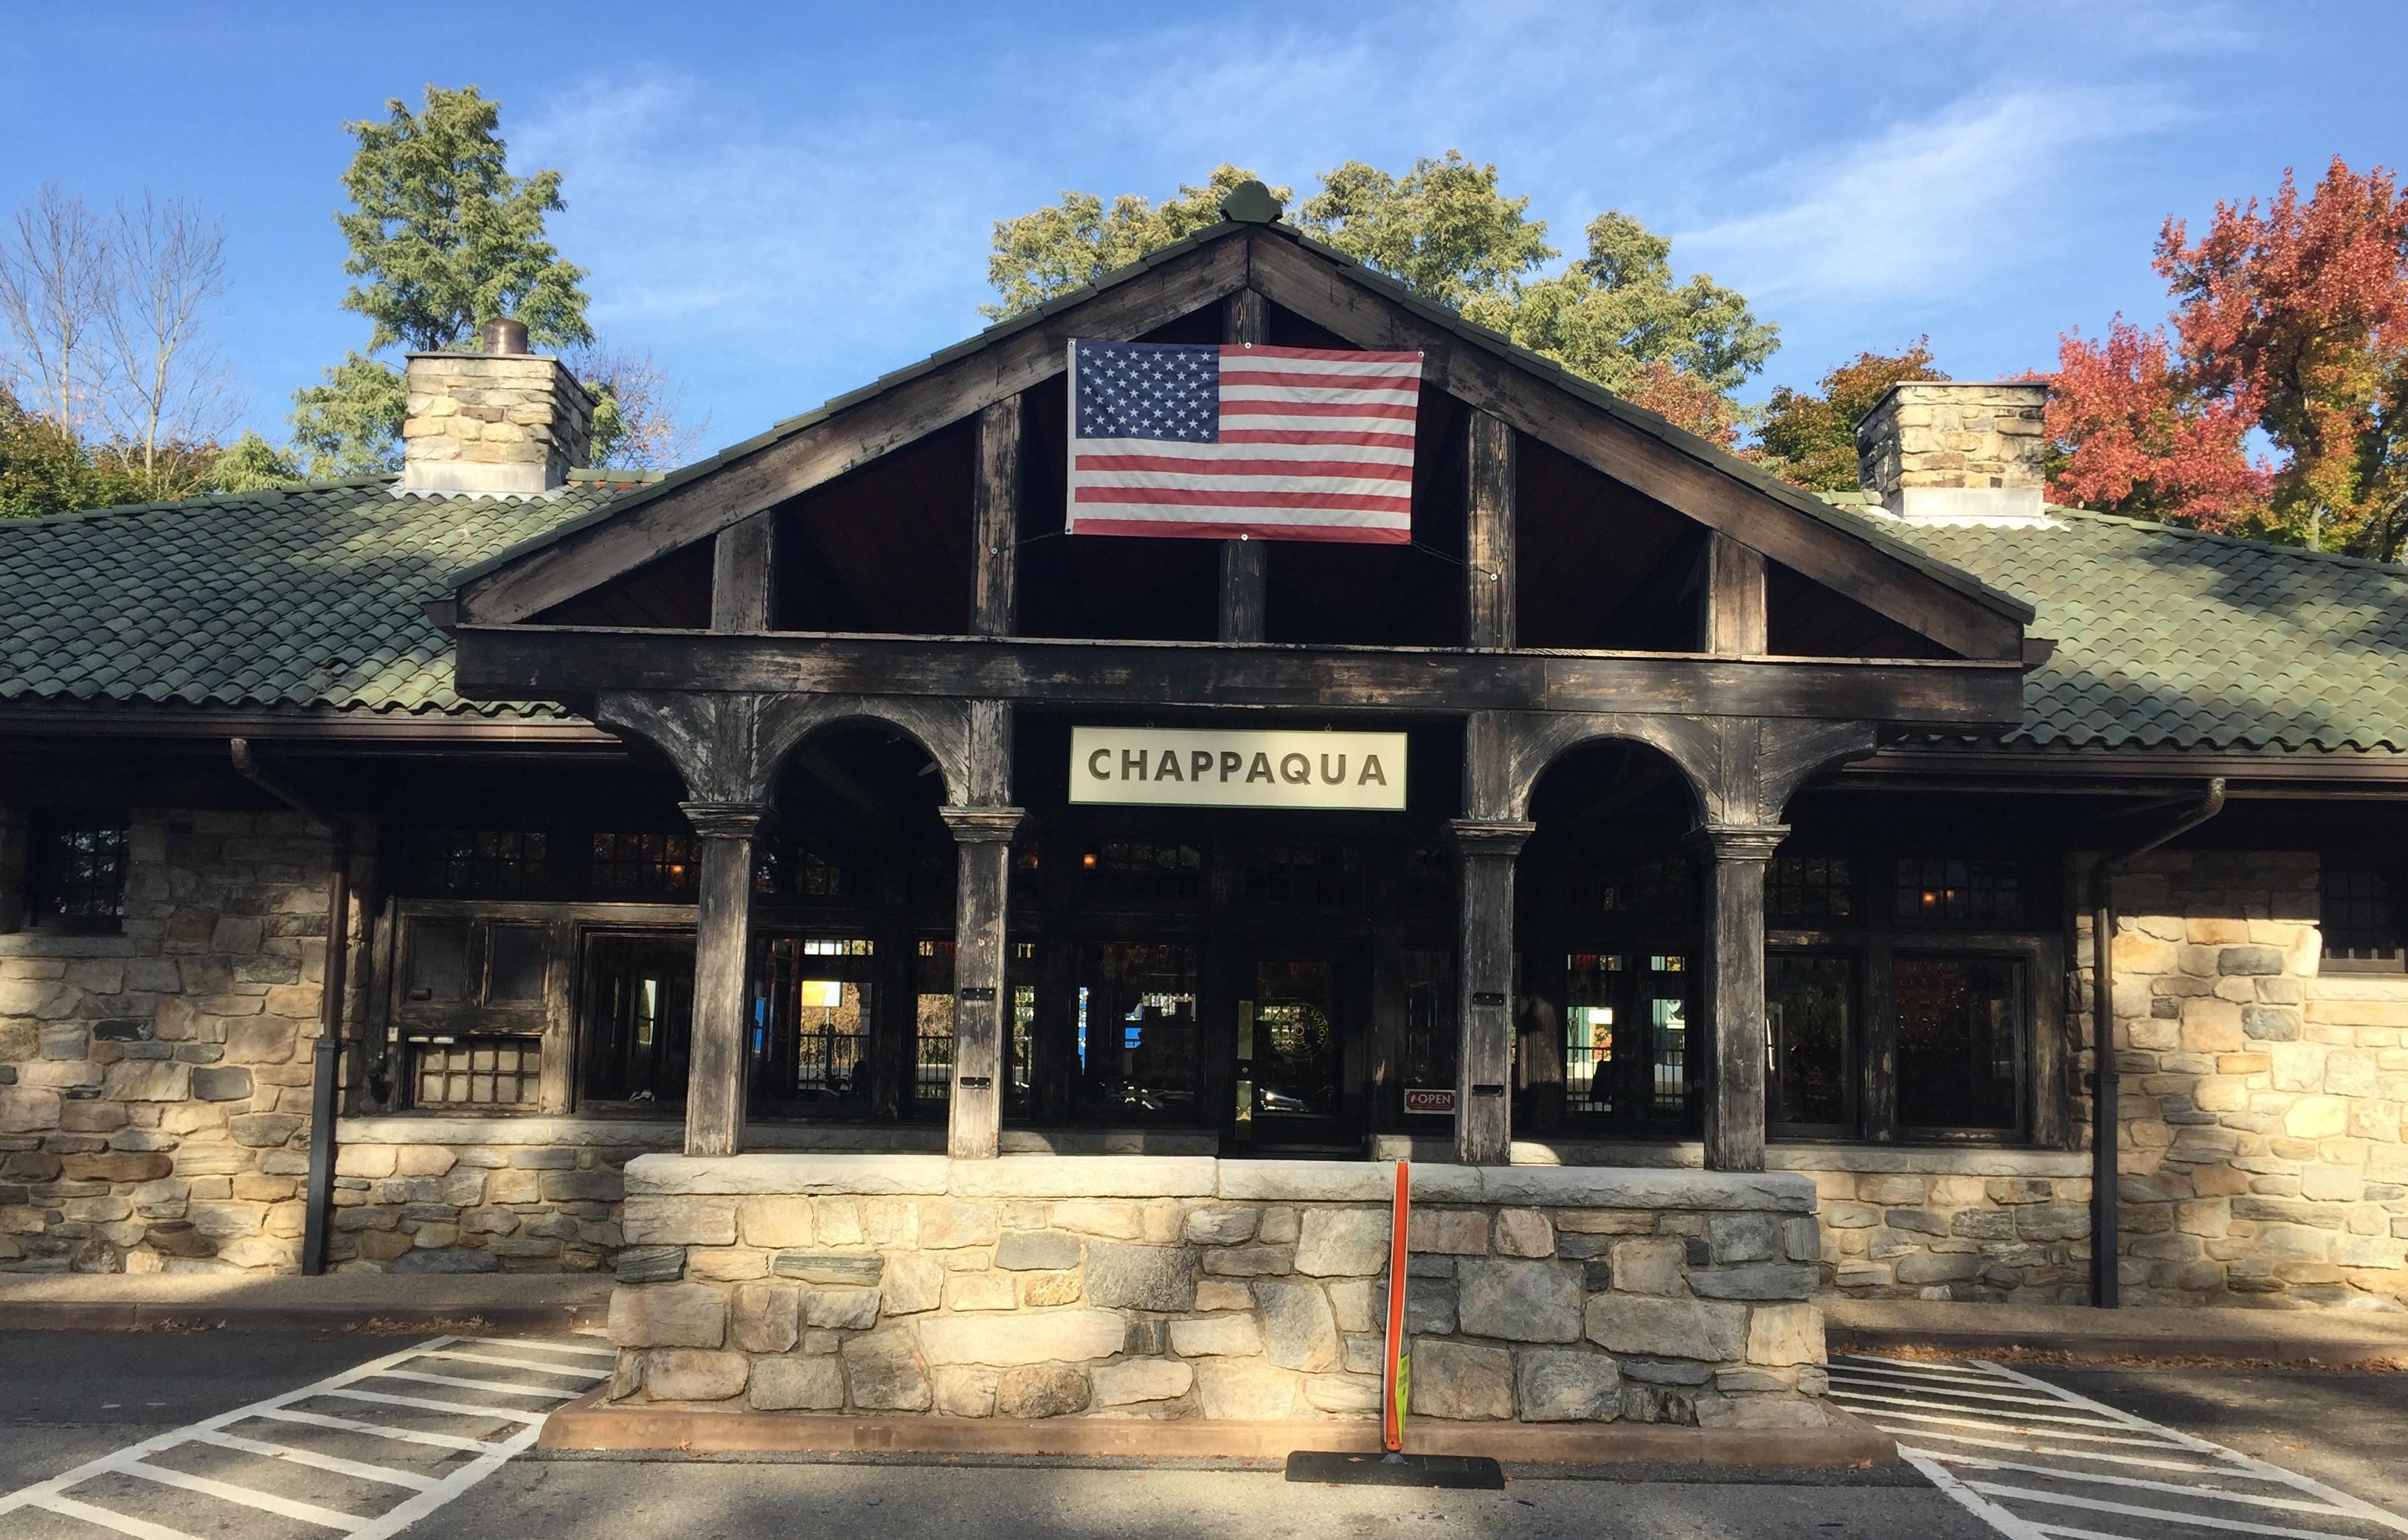 Chappaqua Restaurant And Cafe Menu